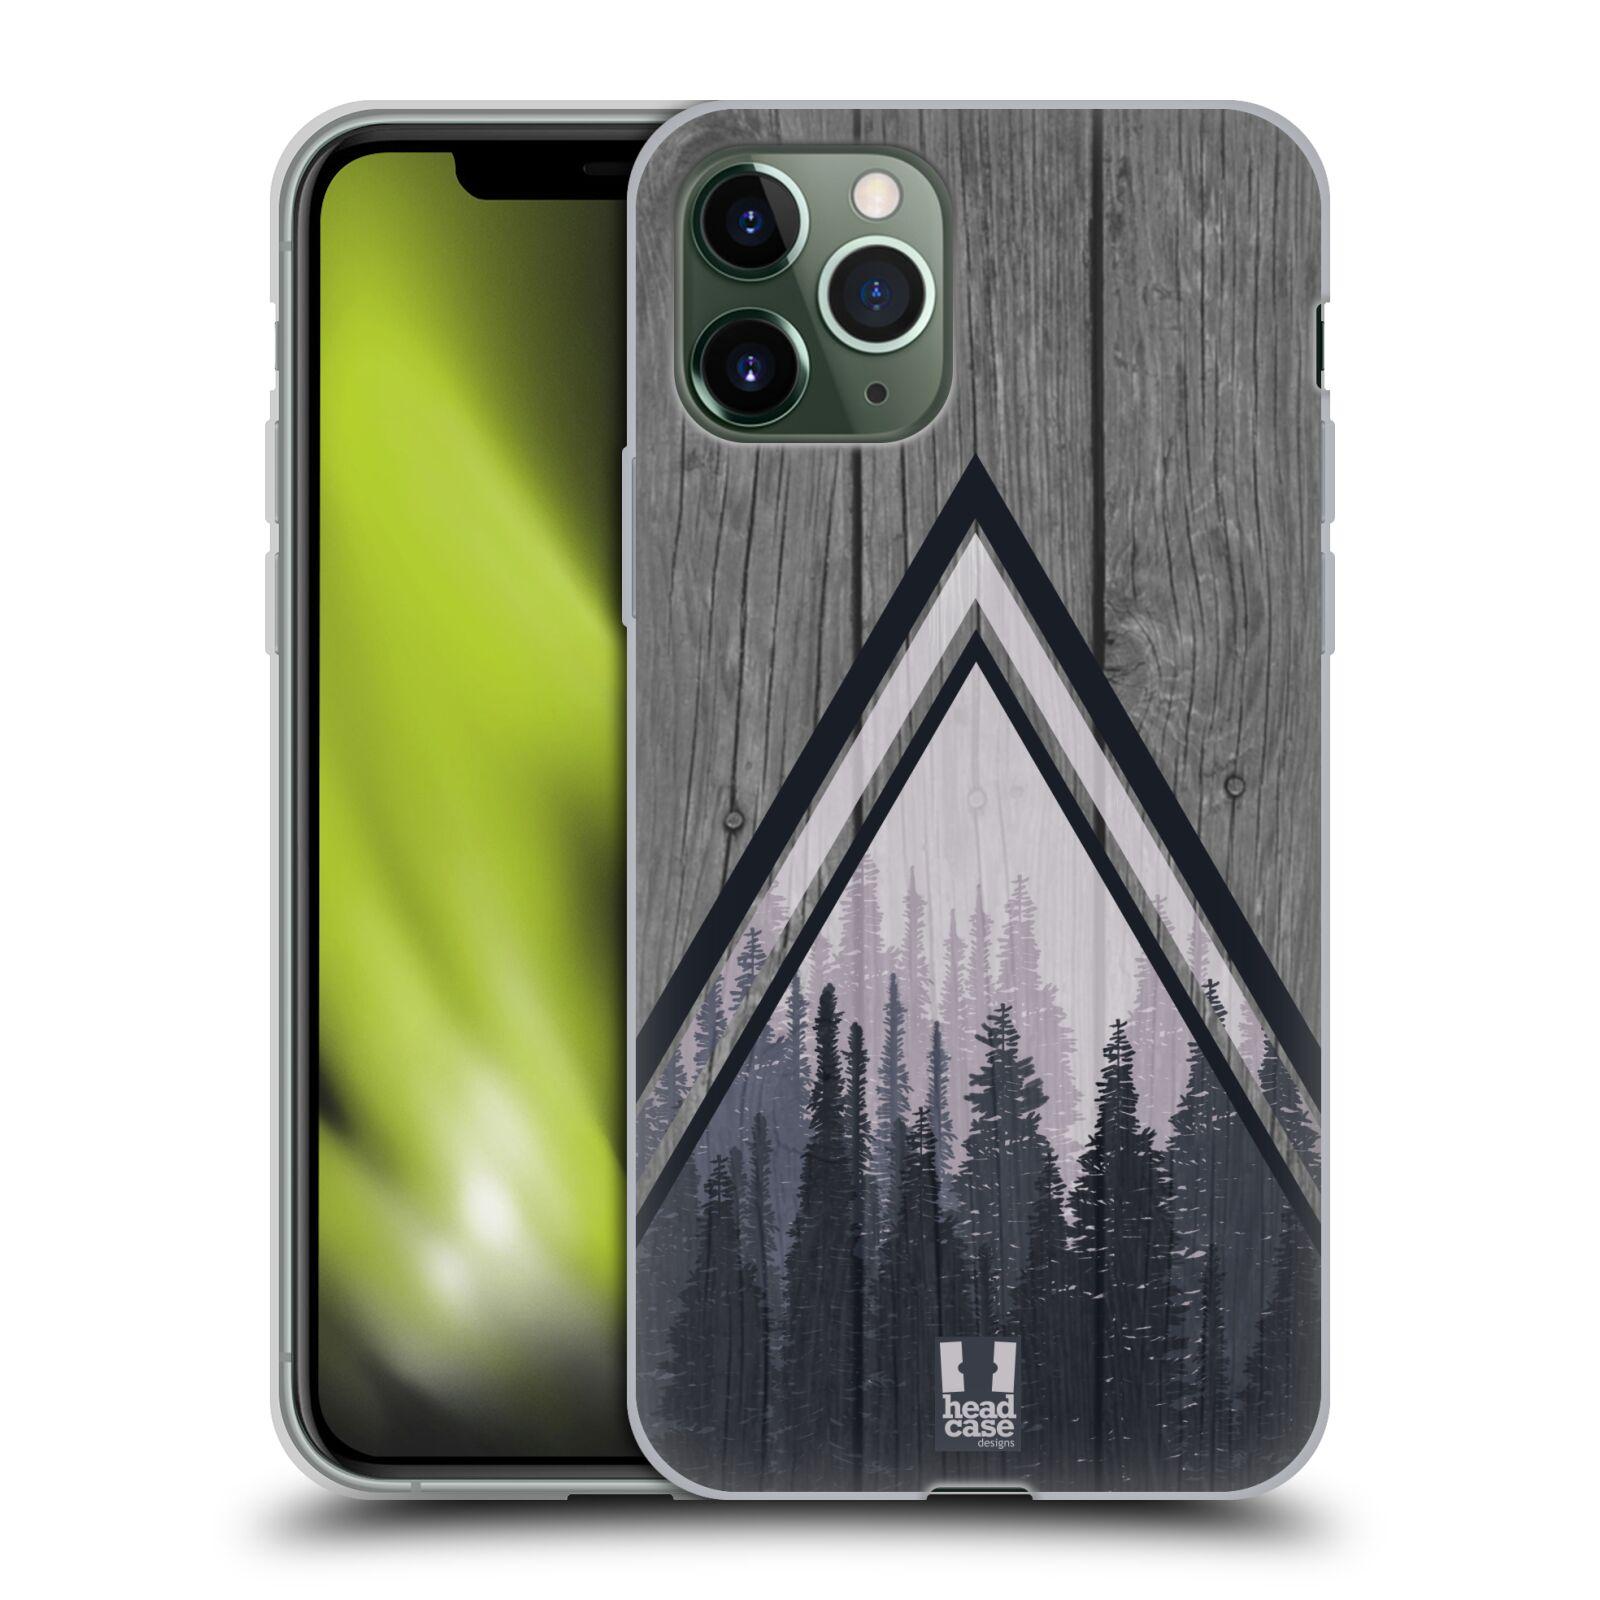 pouzdro pro iphone 7 plus